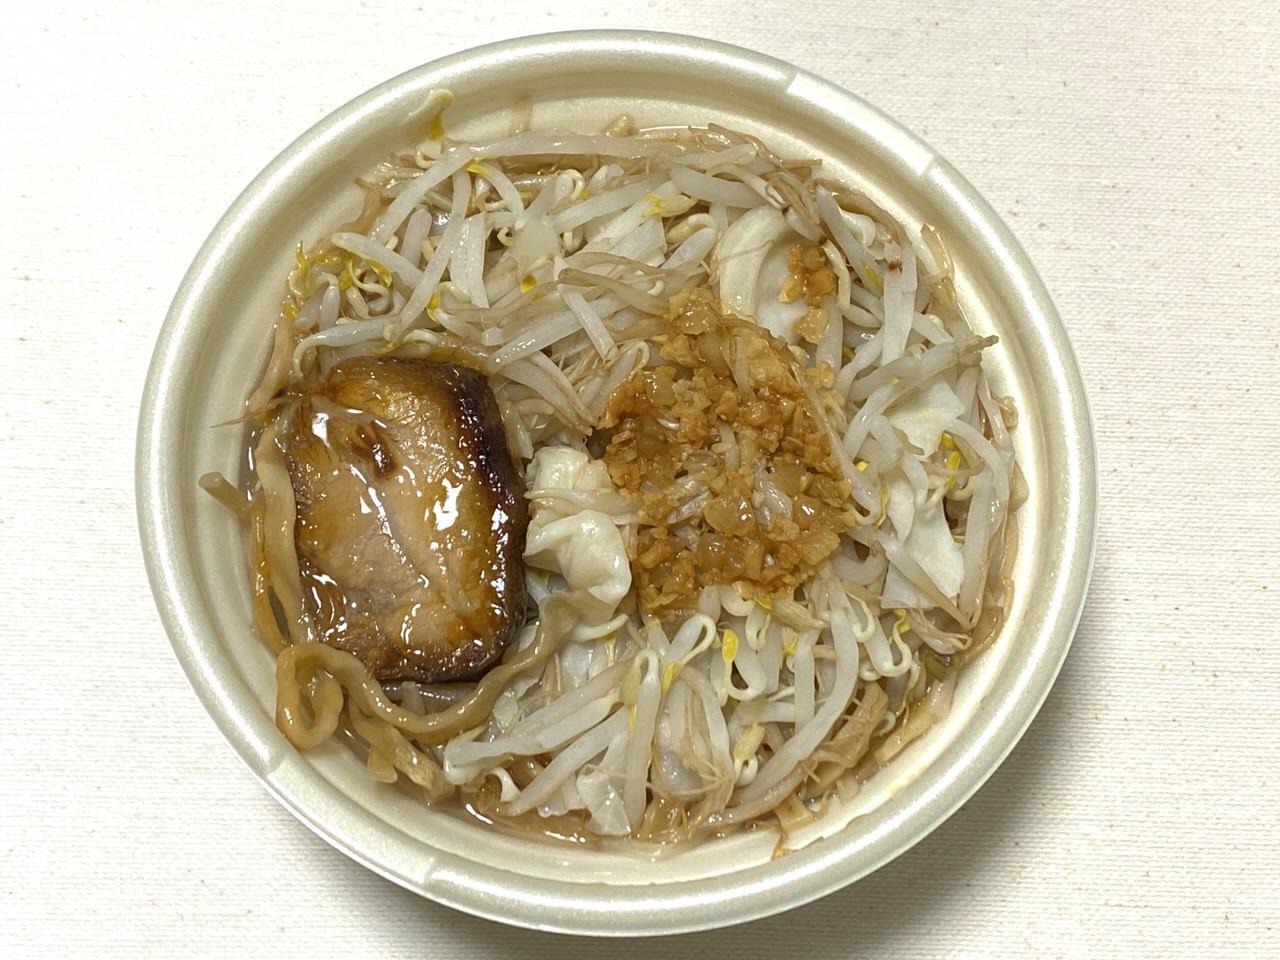 【セブンイレブン】二郎系ラーメン「中華蕎麦 とみ田監修 豚ラーメン」4